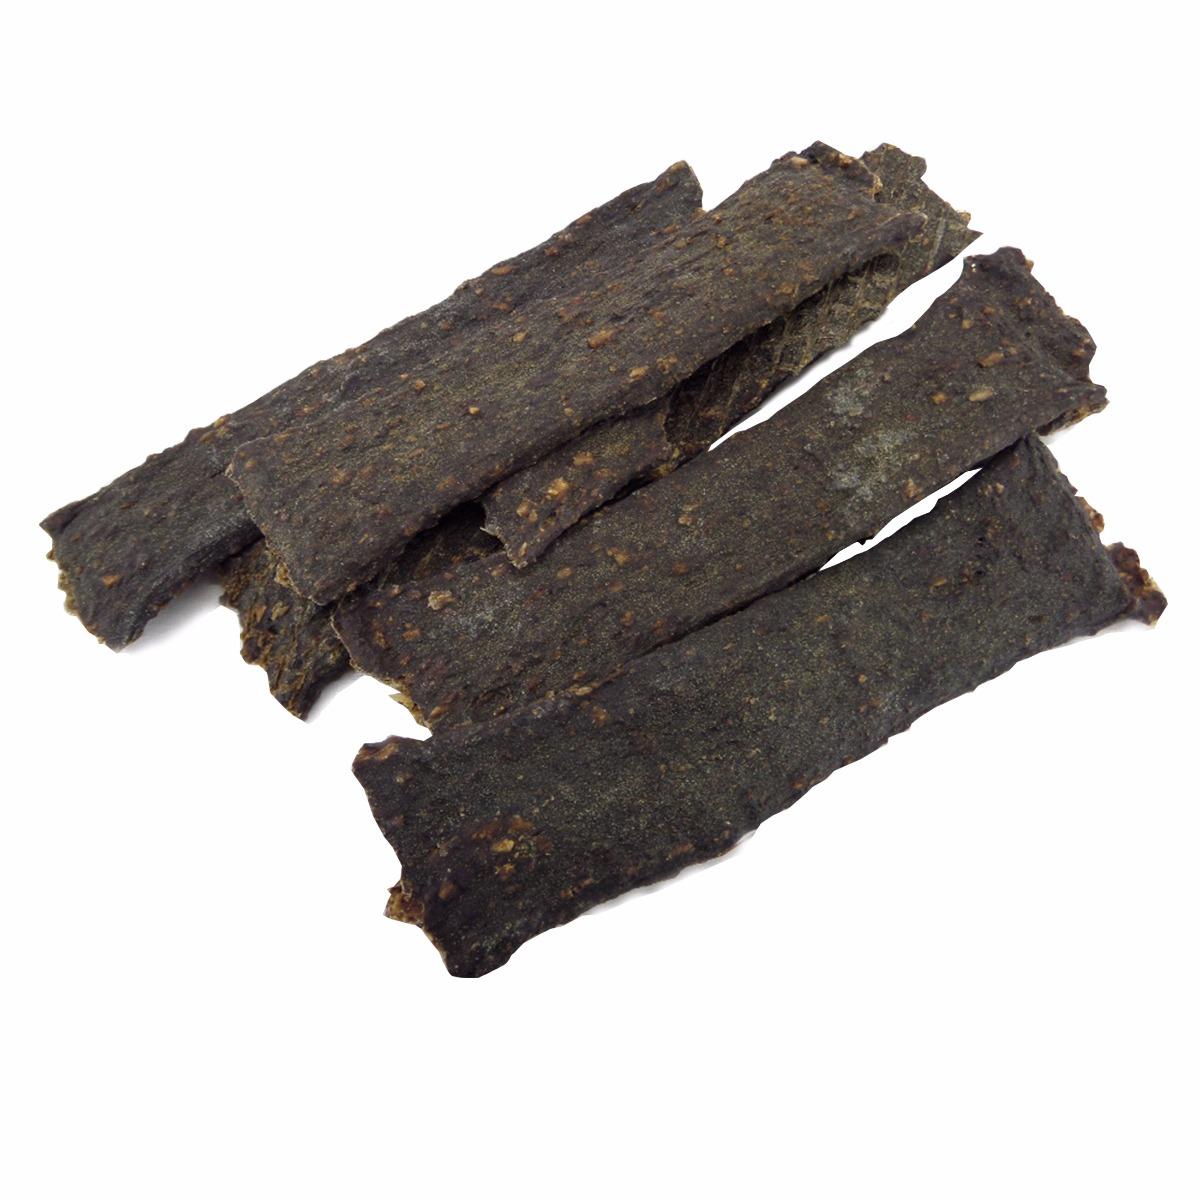 Deze strips van paardenvlees zijn een smakelijke snack voor de allergische hond. De paardenvleesstrips bevatten alleen 100% paardenvlees. De vleesstrips zijn eenvoudig in kleinere stukken te breken waardoor ze naast als kauwsnack ook als beloningssnoepjes kunnen worden gebruikt.  Hondensnack van paardenvlees Geen geur- kleur- smaakstoffen Graanvrij; 100% paardenvlees  Inhoud: 100 gram